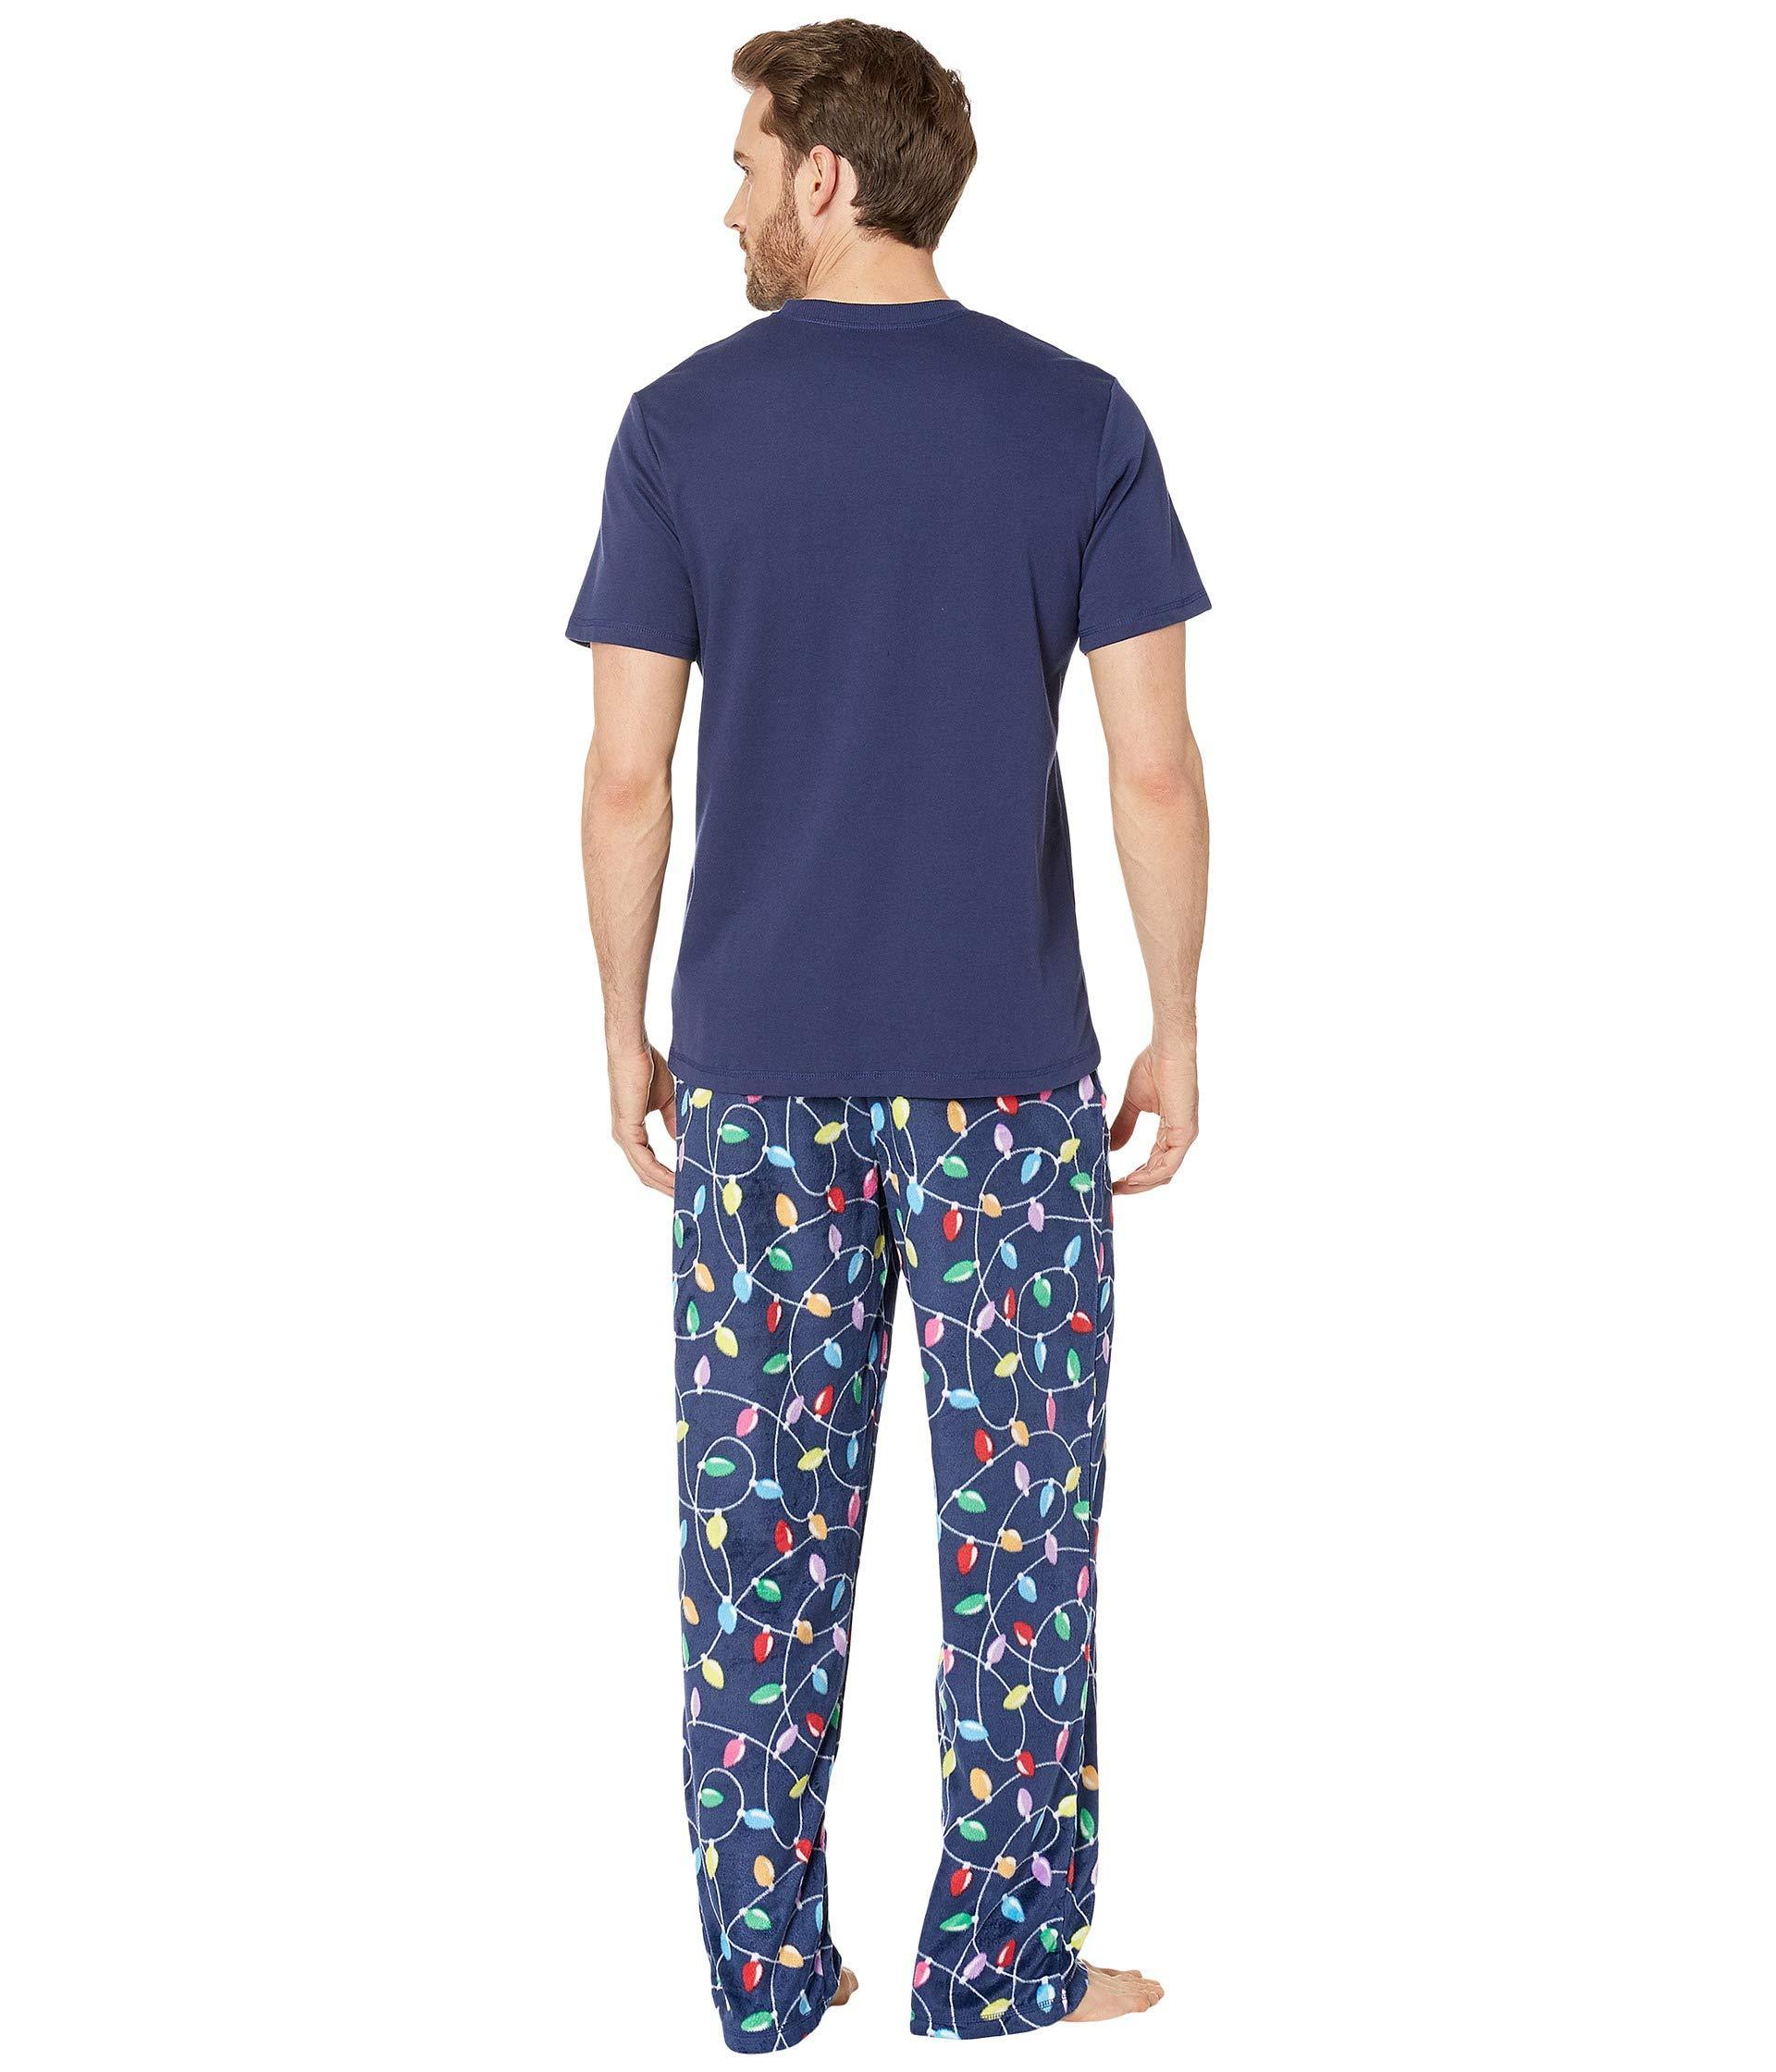 Karen Neuburger - Blue Get Lit Family Short Sleeve Pj Set for Men - Lyst.  View fullscreen b0e2a98be